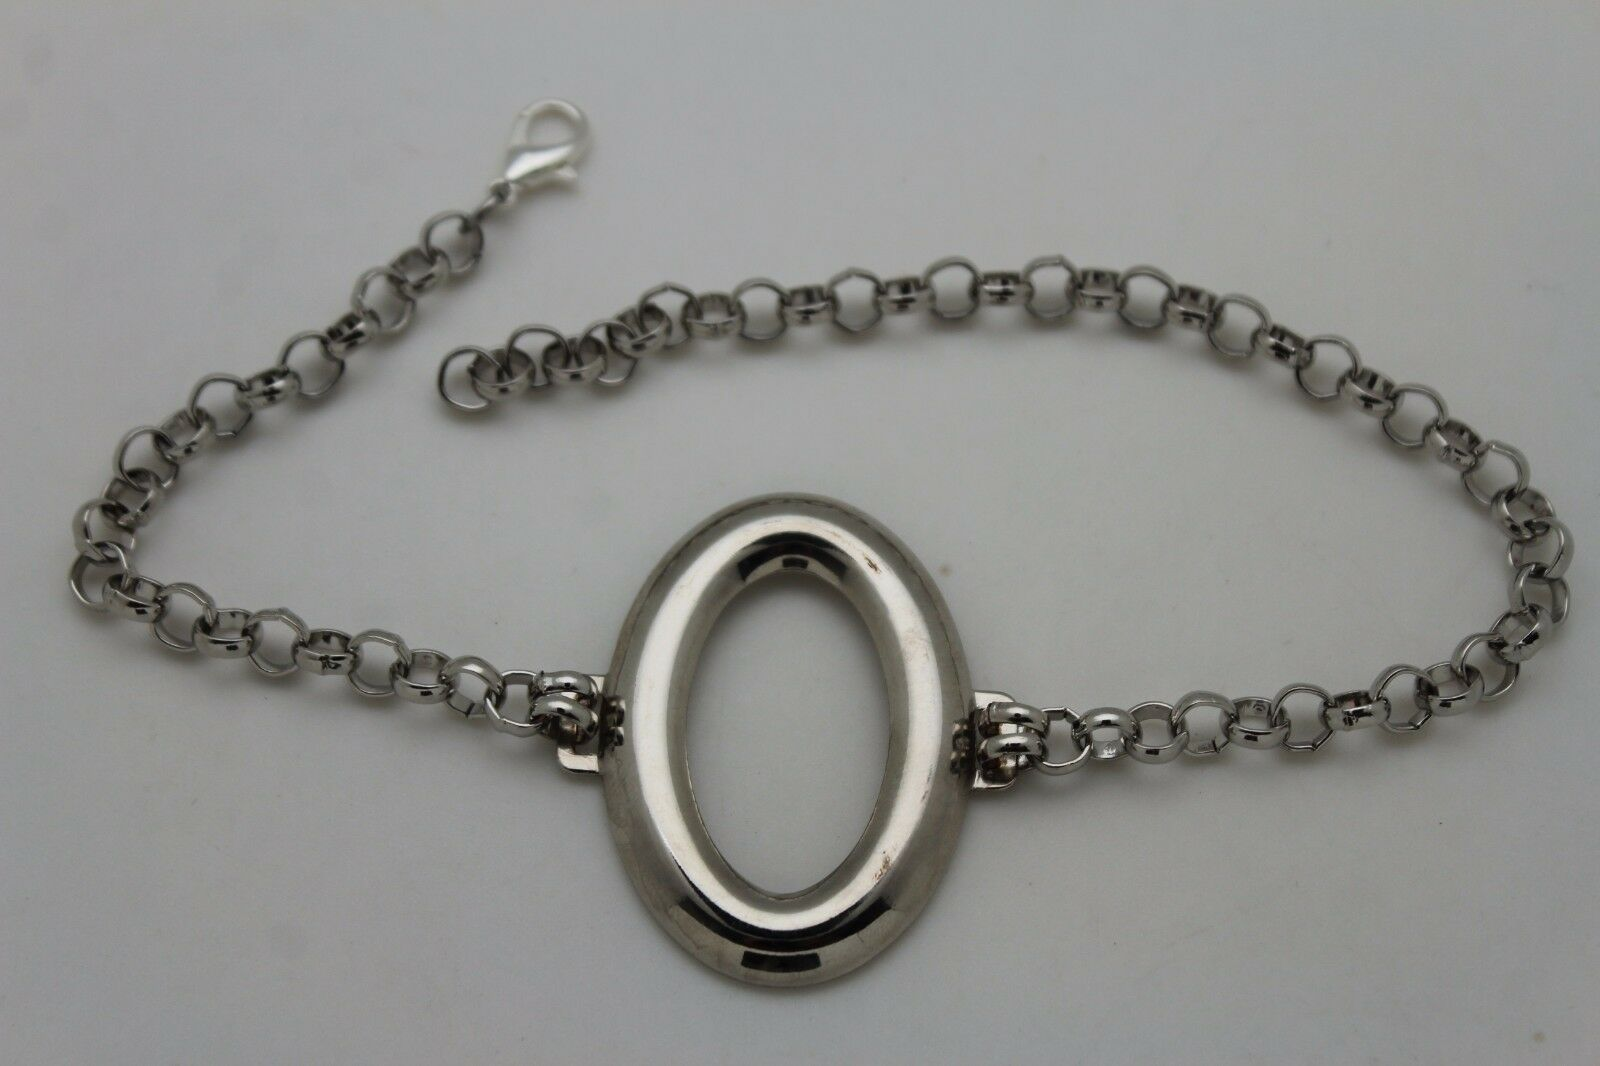 Sexy Women Silver Metal Chain Boot Bracelet Shoe Oval Shape Charm Jewelry Bling